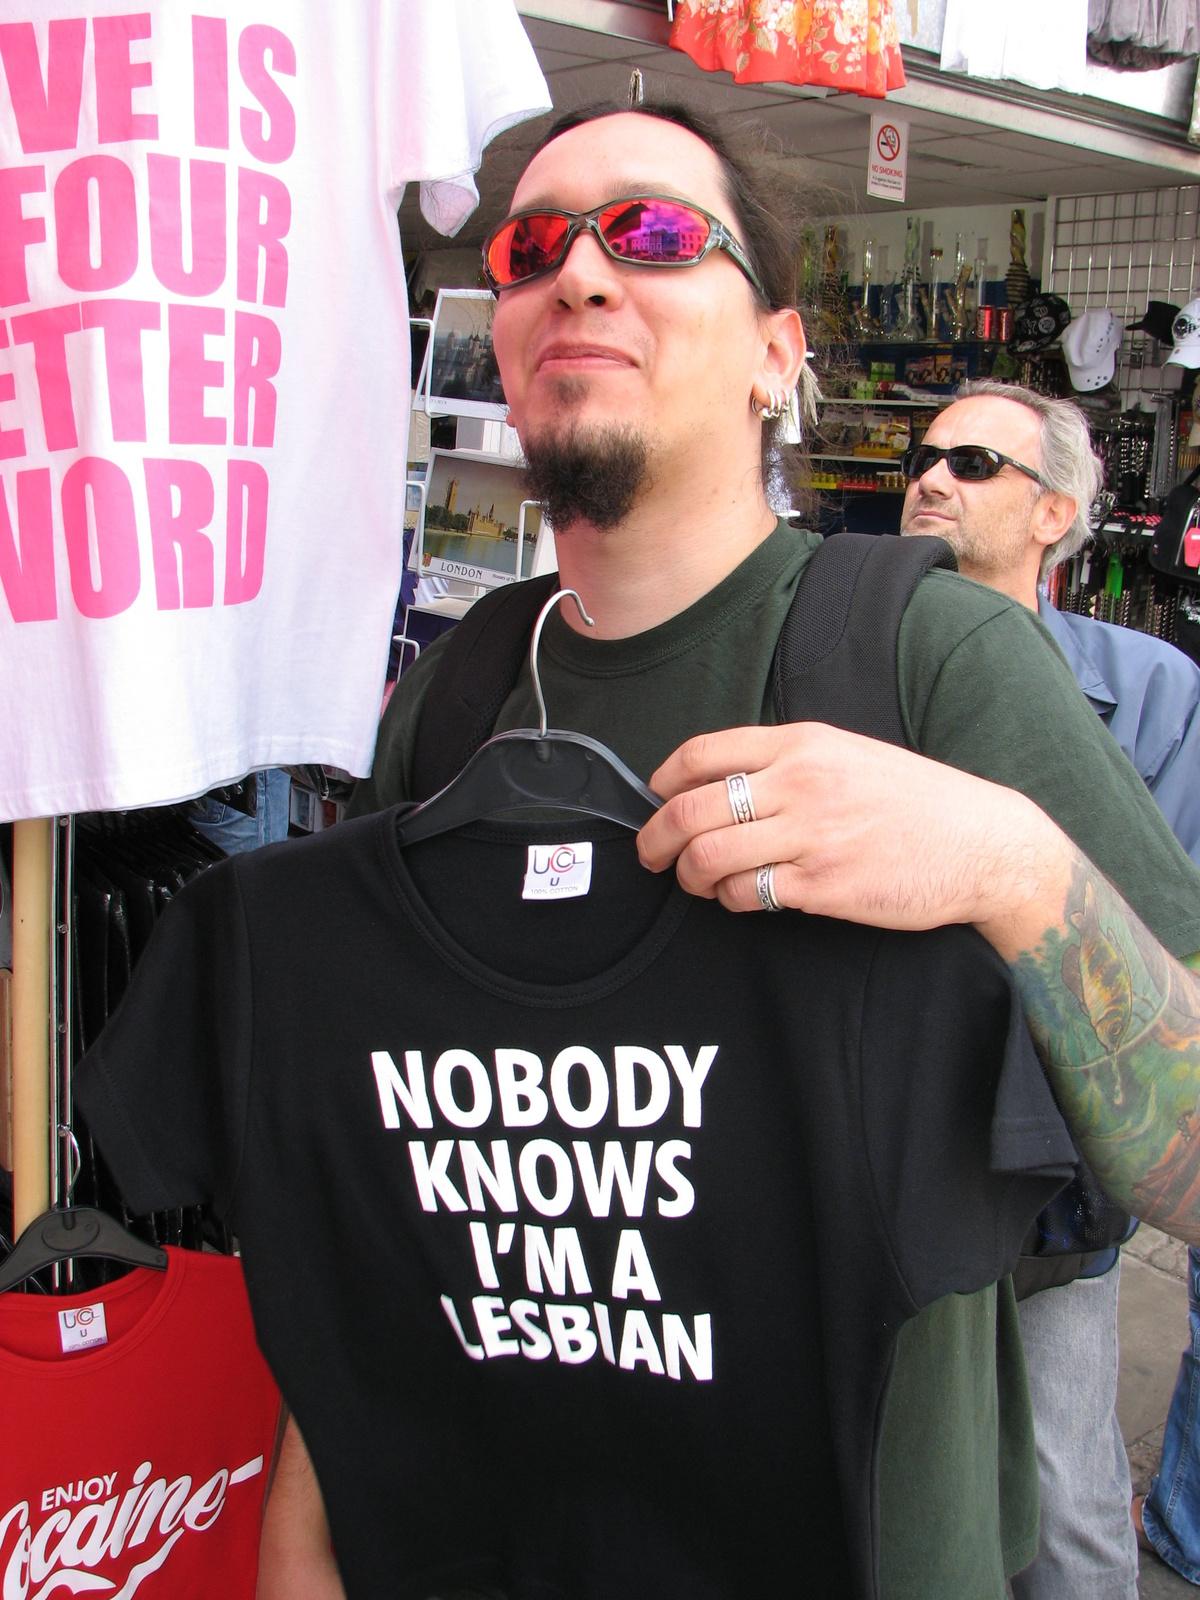 ICS - Senki sem tudja hogy leszbikus